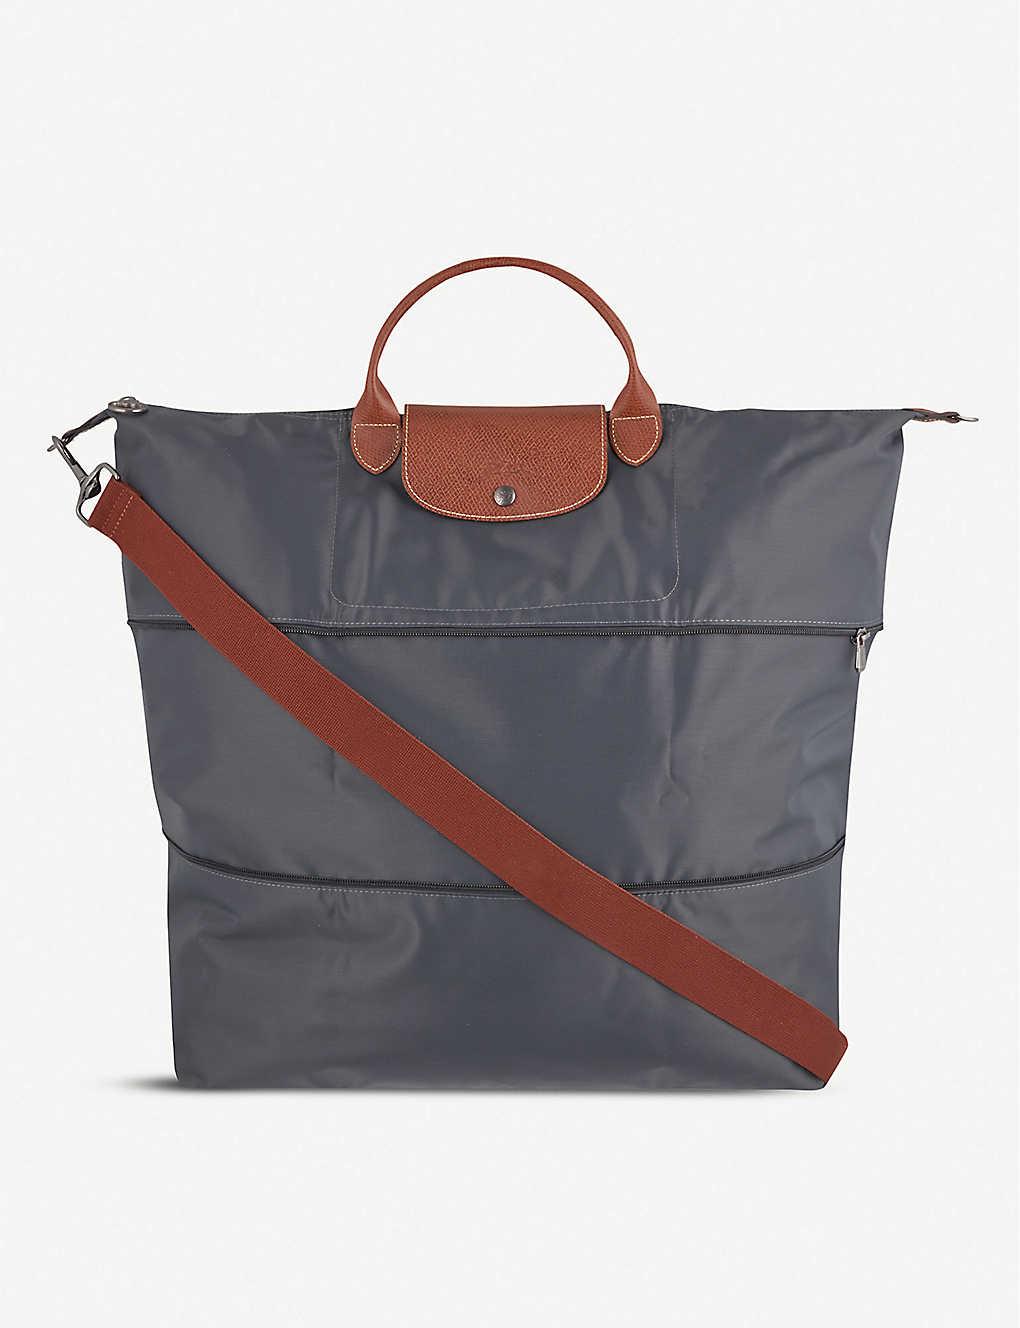 4e4858805d3 LONGCHAMP - Le Pliage travel bag | Selfridges.com